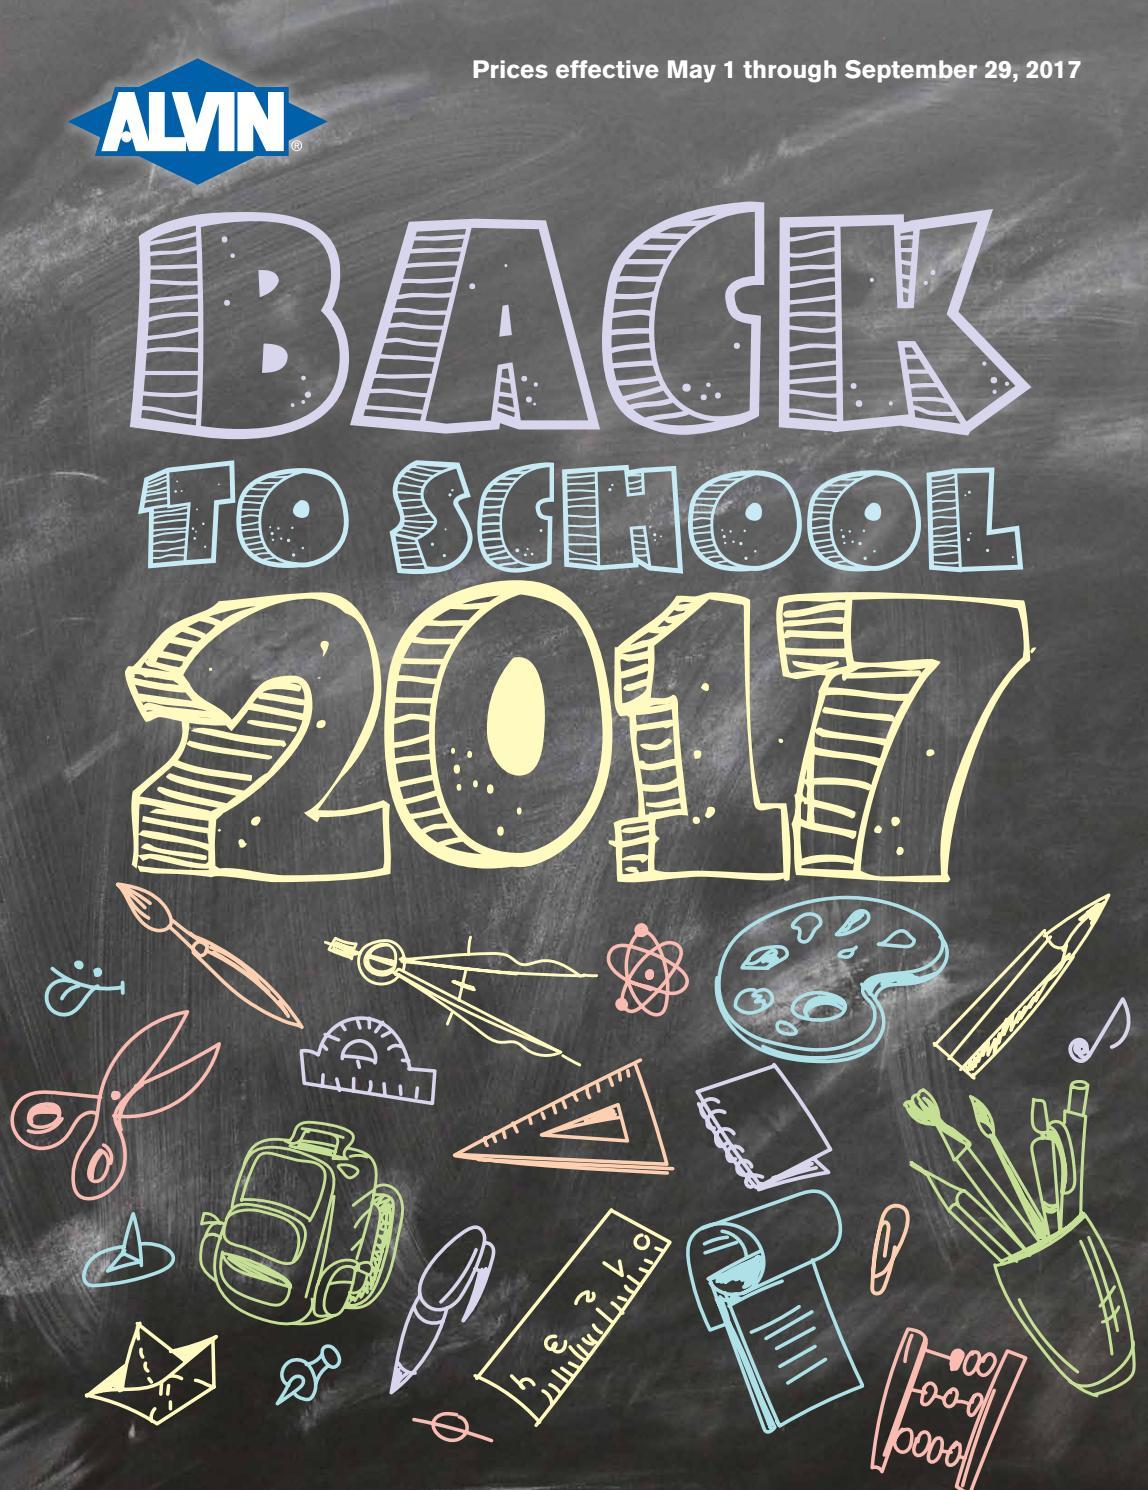 Back To School 2017 Catalog By Alvinandcompany Issuu